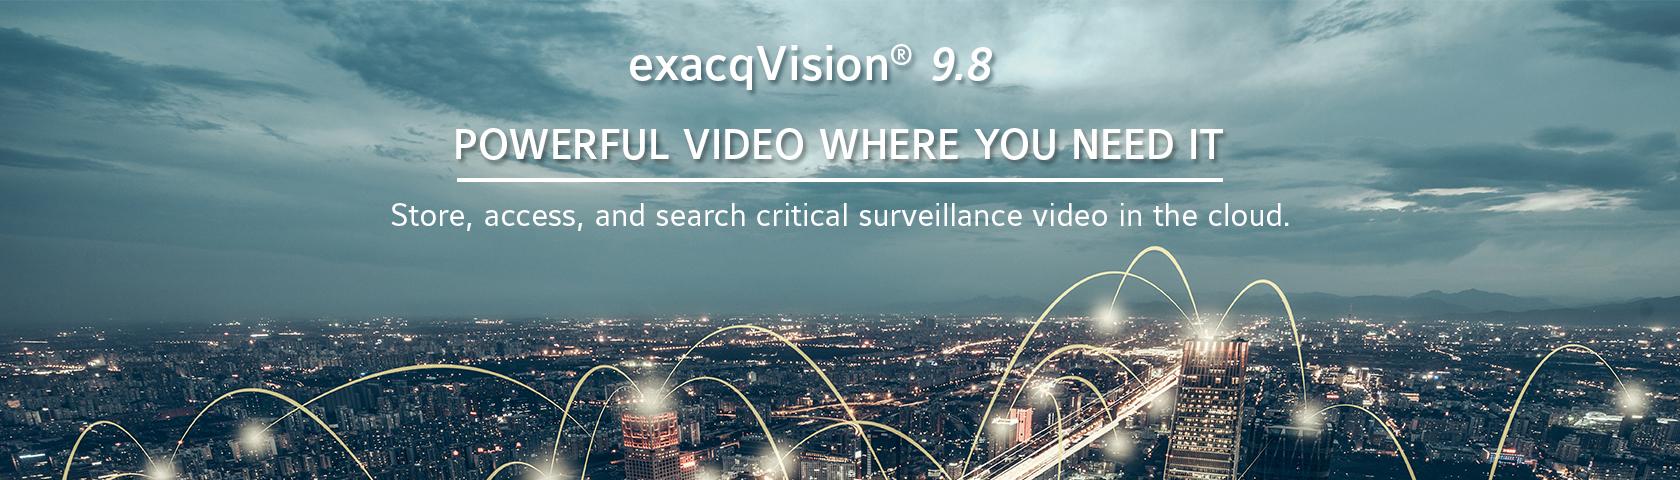 exacqVision 9.8